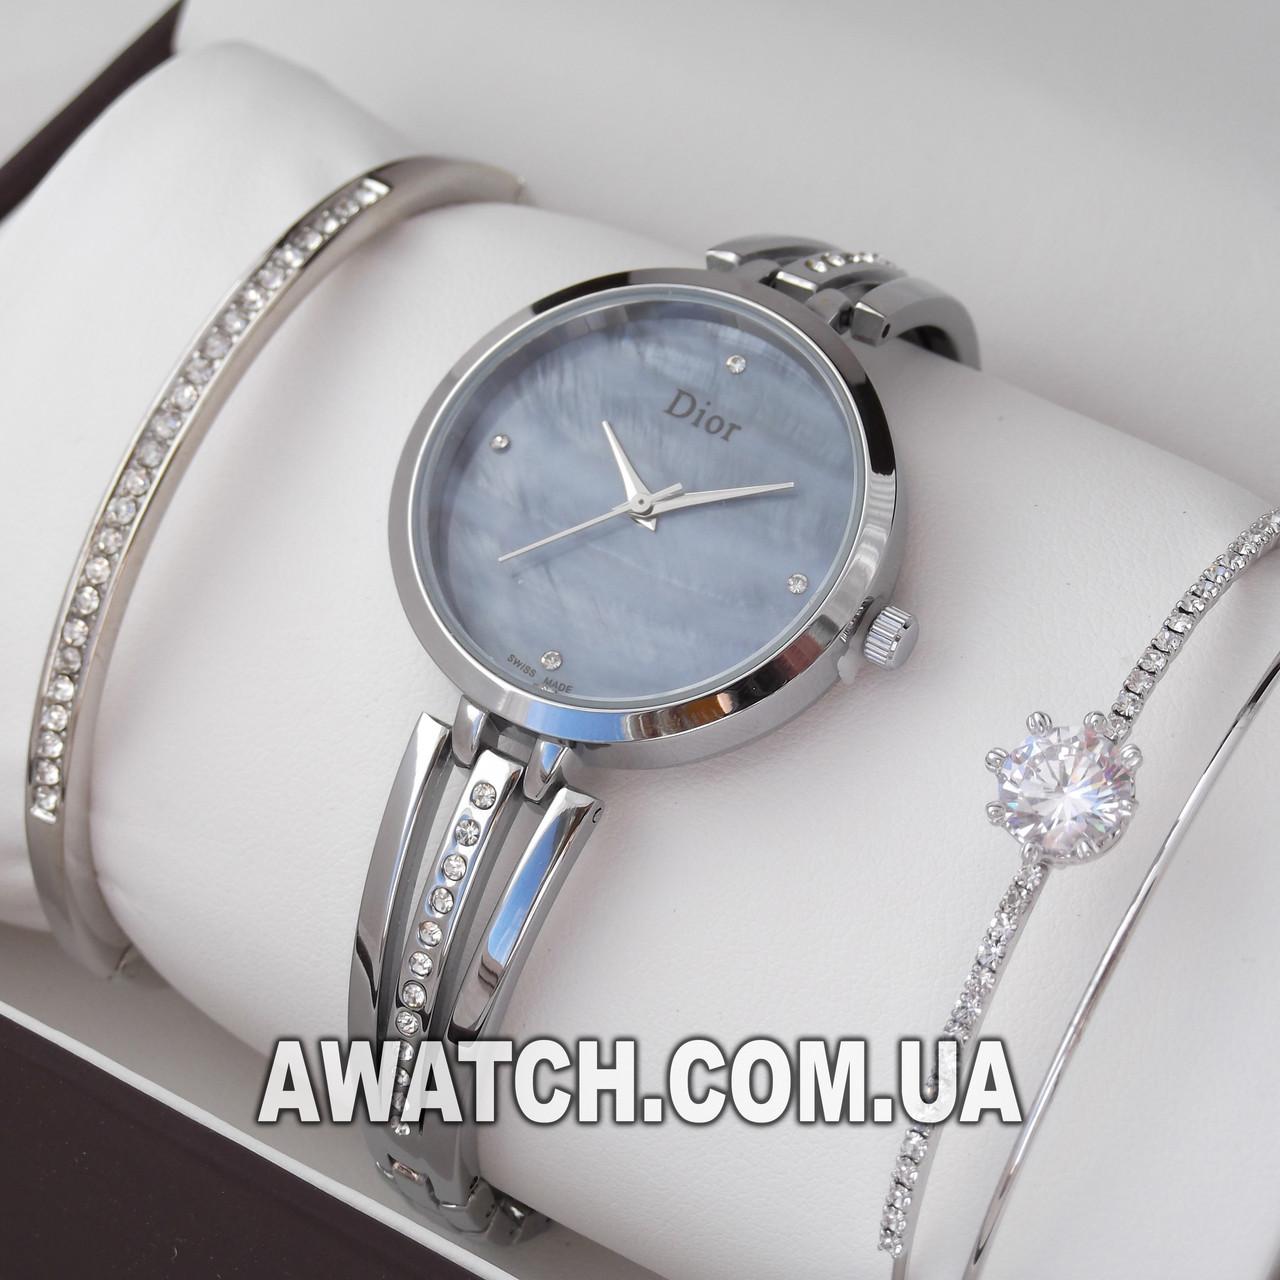 Часы наручные от dior купить часы маячок для детей